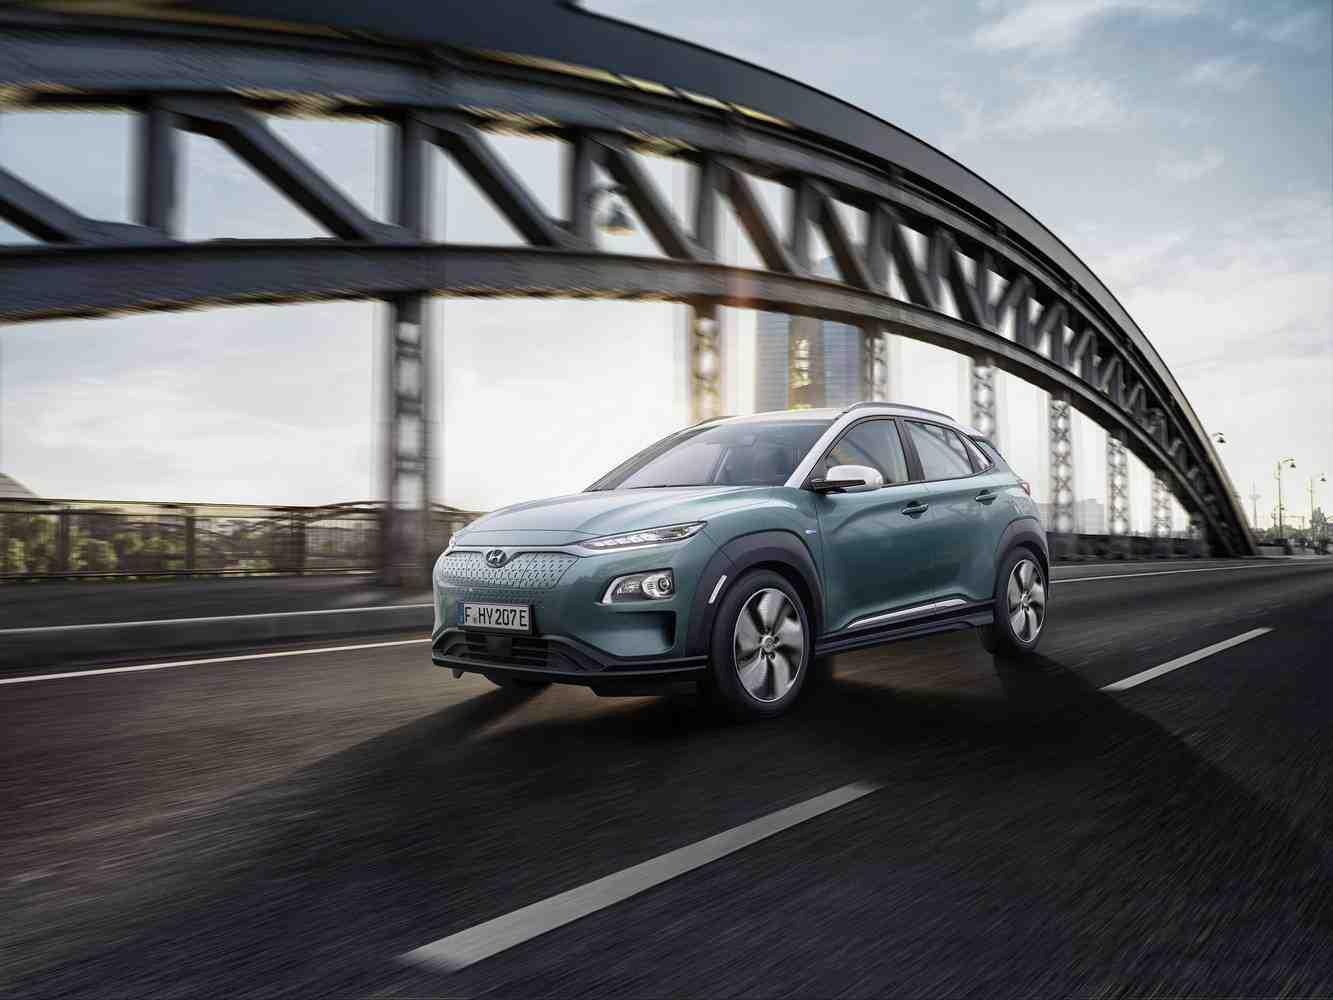 Quels sont les avantages et les inconvénients d'une voiture hybride?